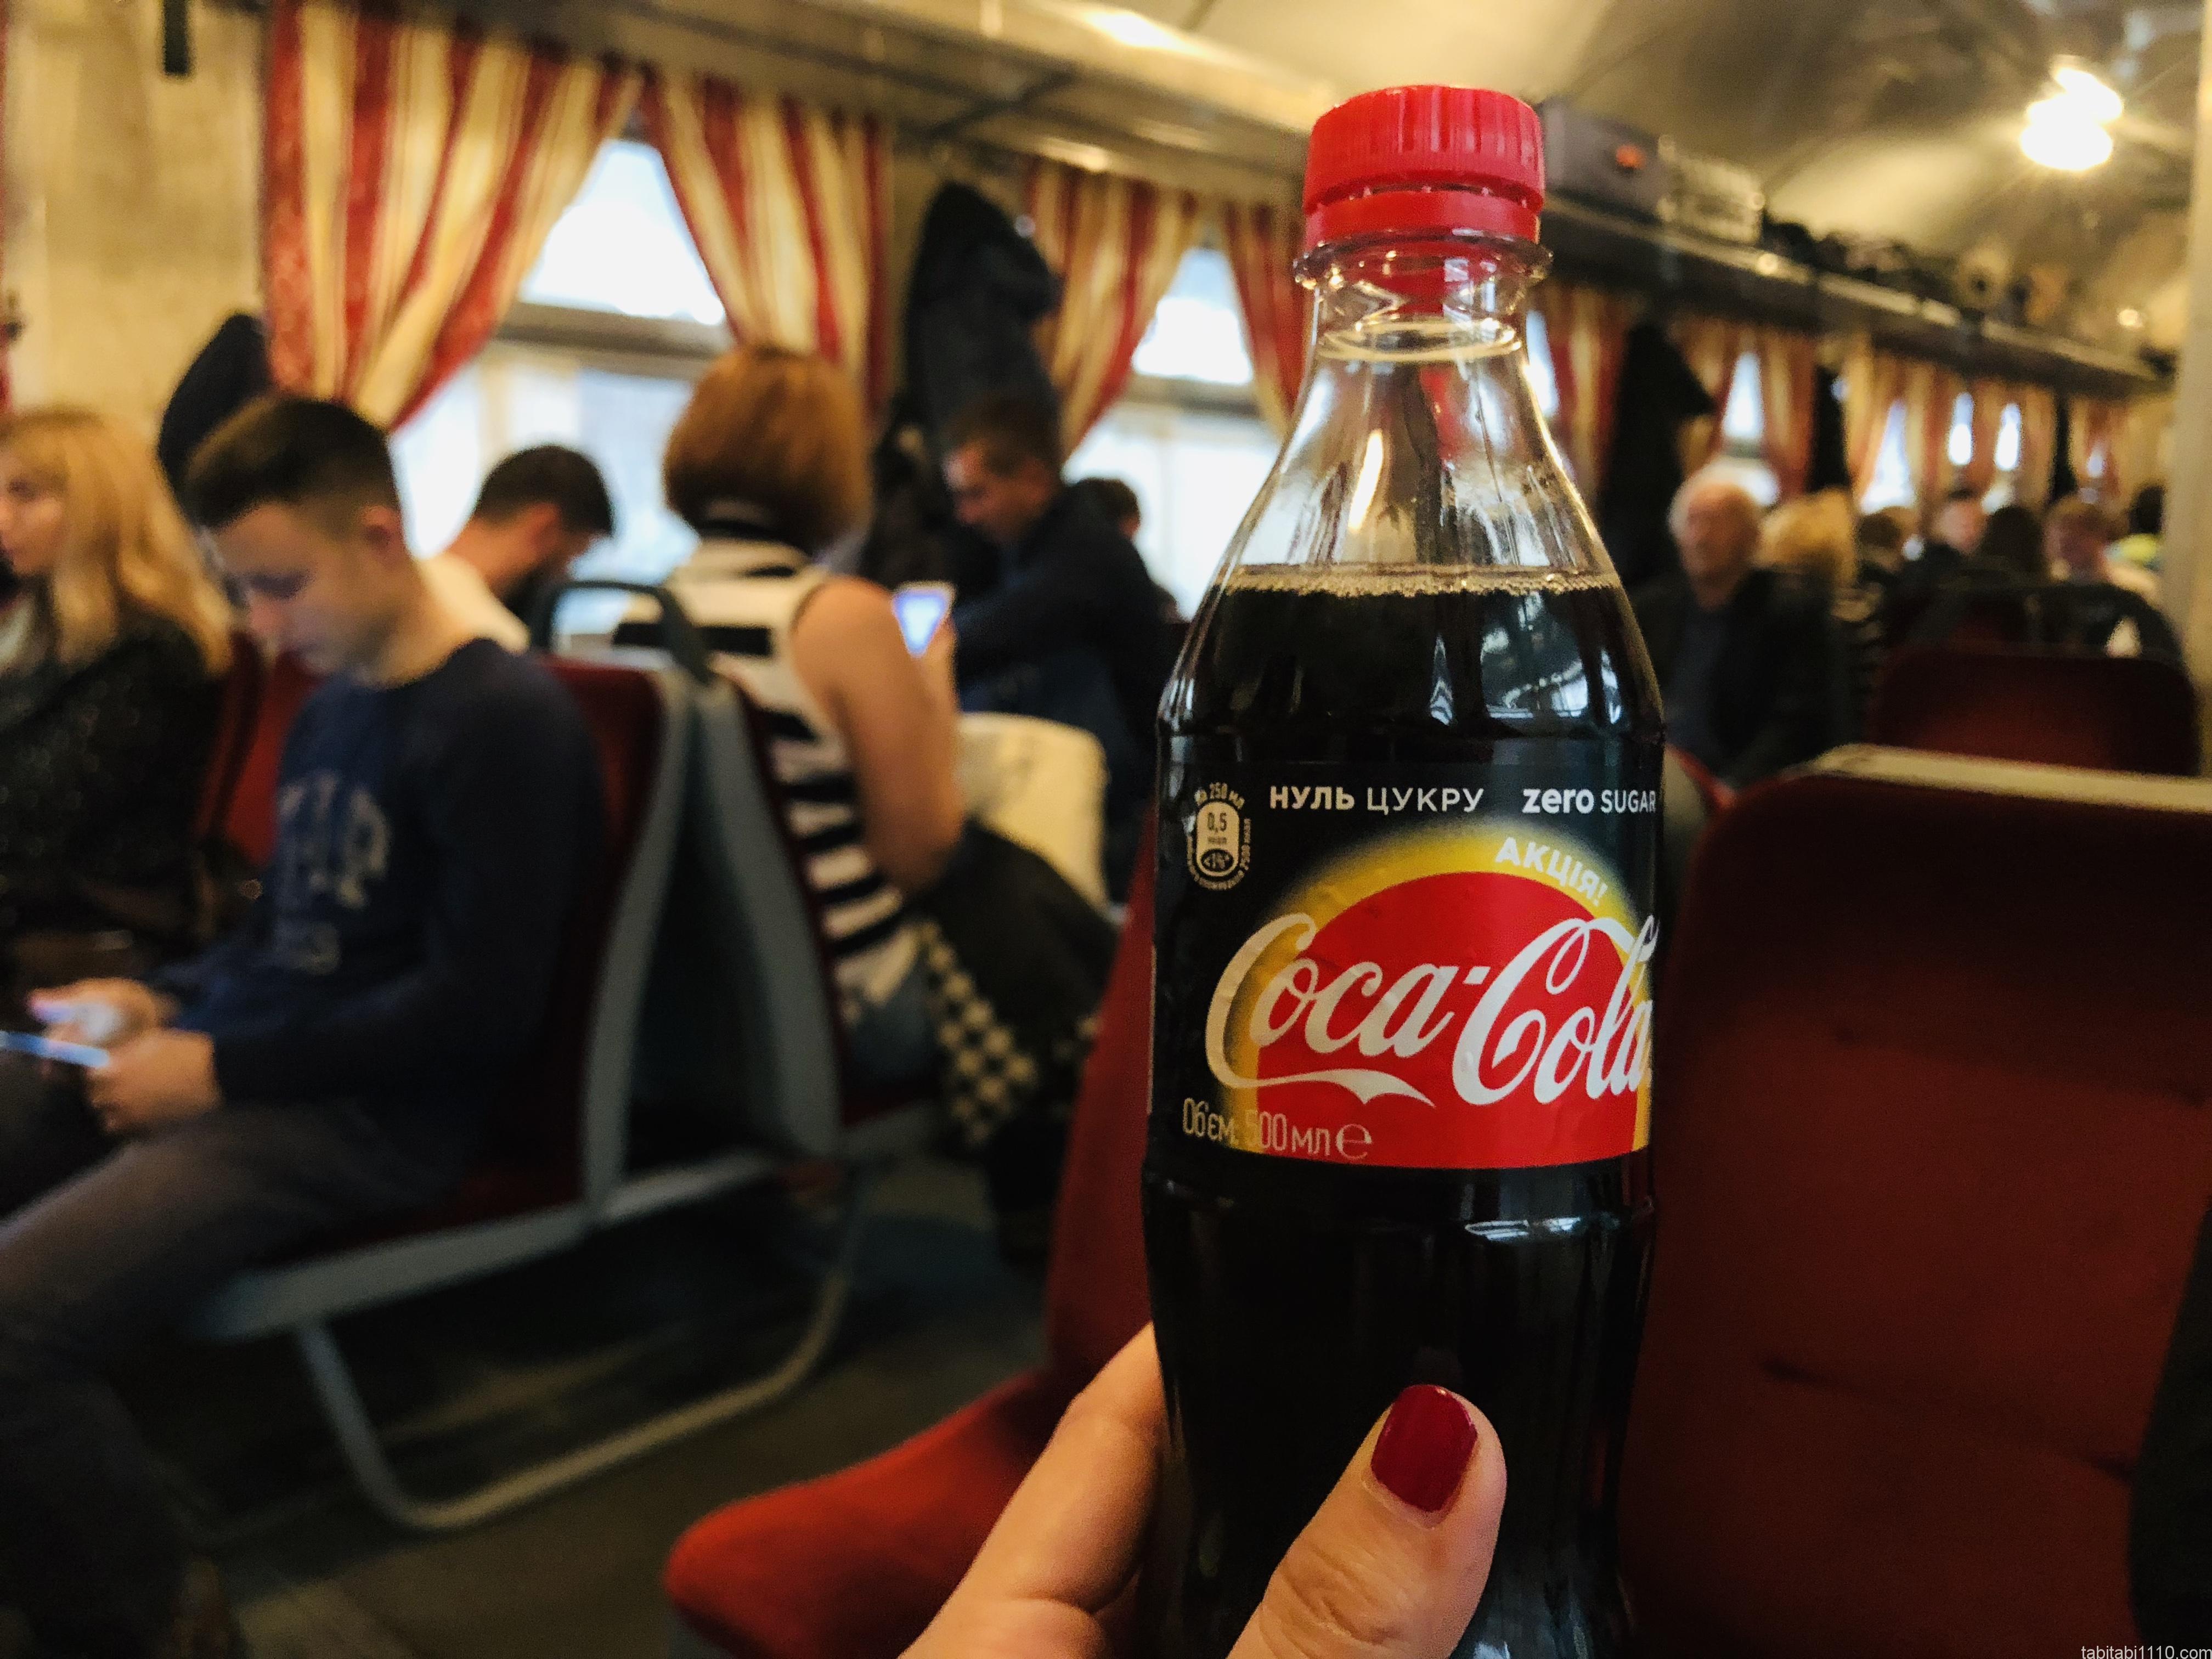 ウクライナのコカ・コーラ